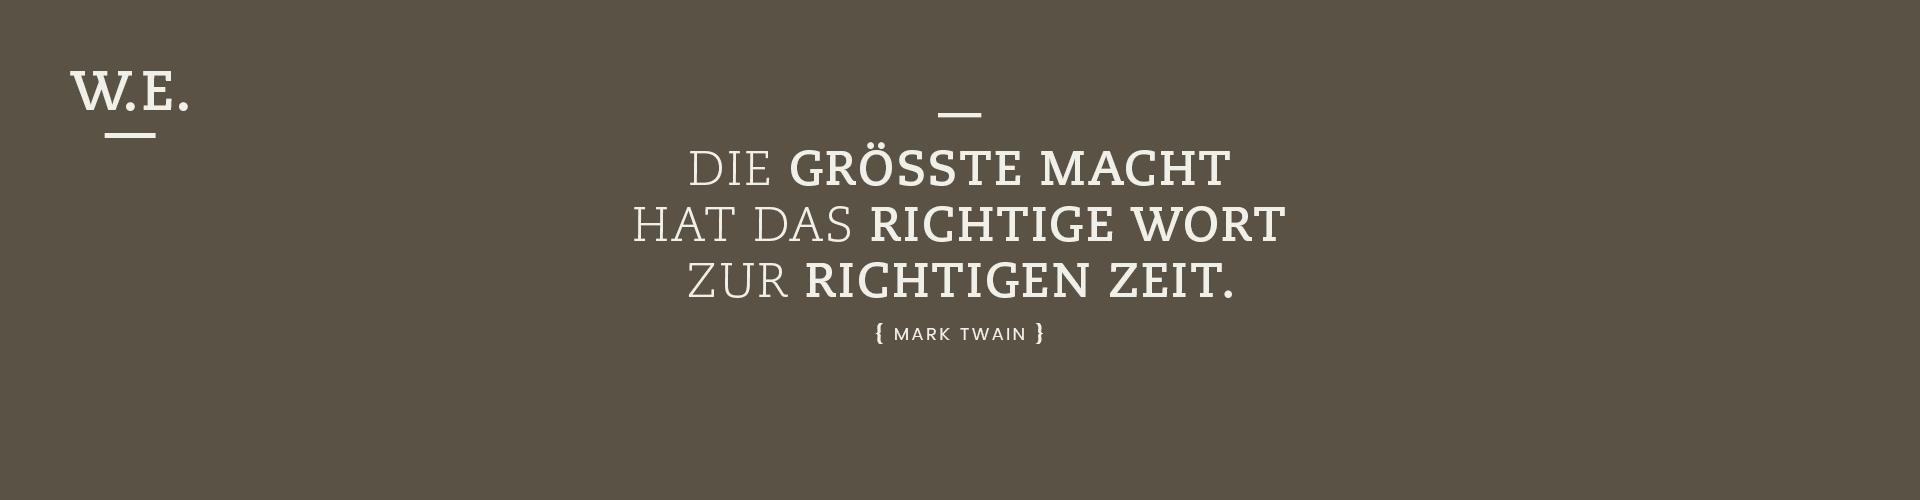 WE_richtiges-wort_braun_schmal